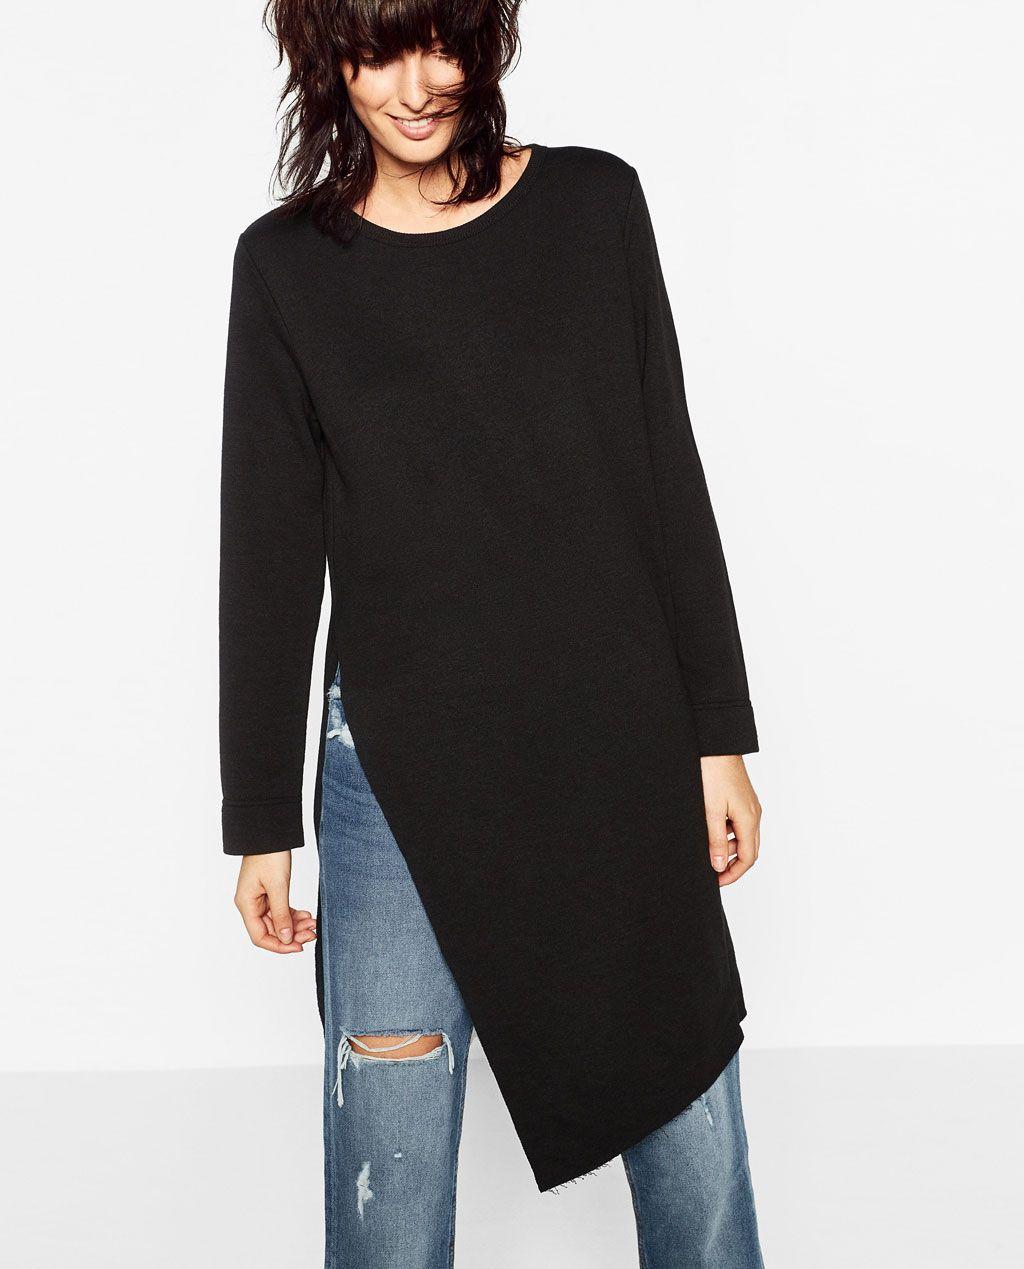 Hirigin 2018 moda mujer Sudaderas sudaderas con capucha